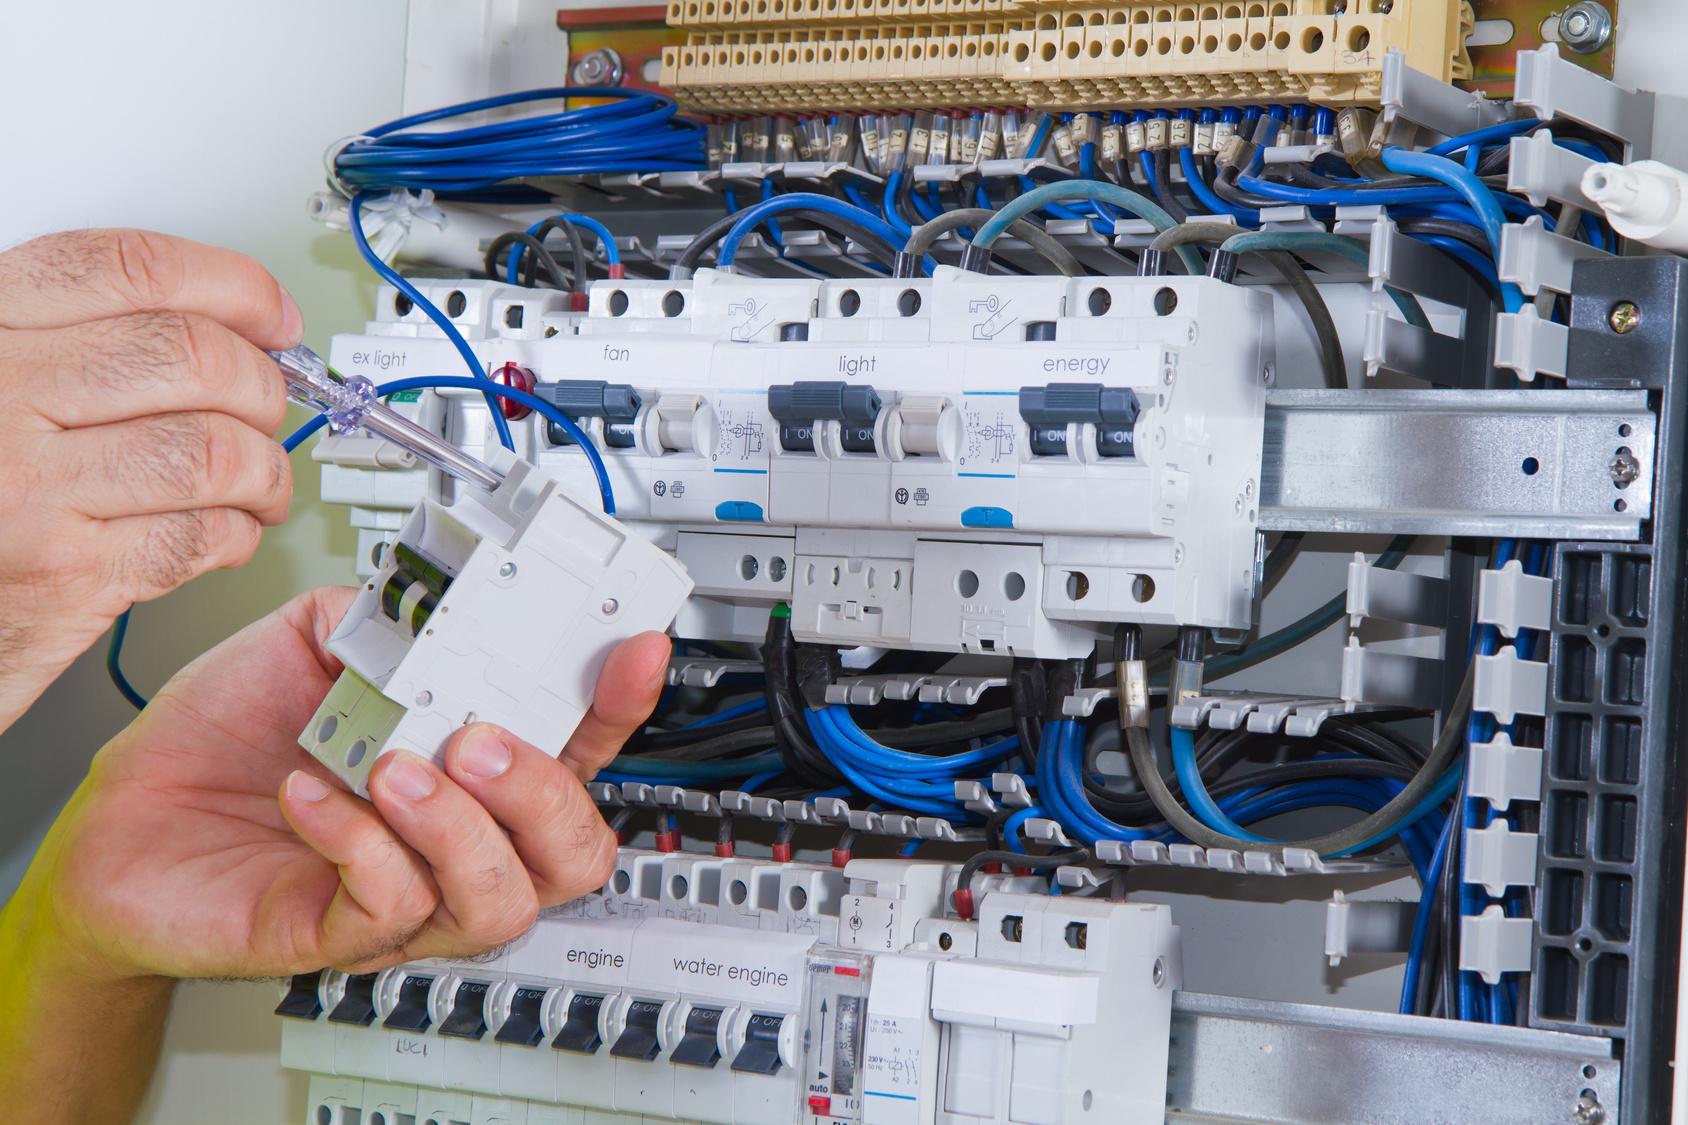 Panneau de commande électrique: réparer ou remplacer?